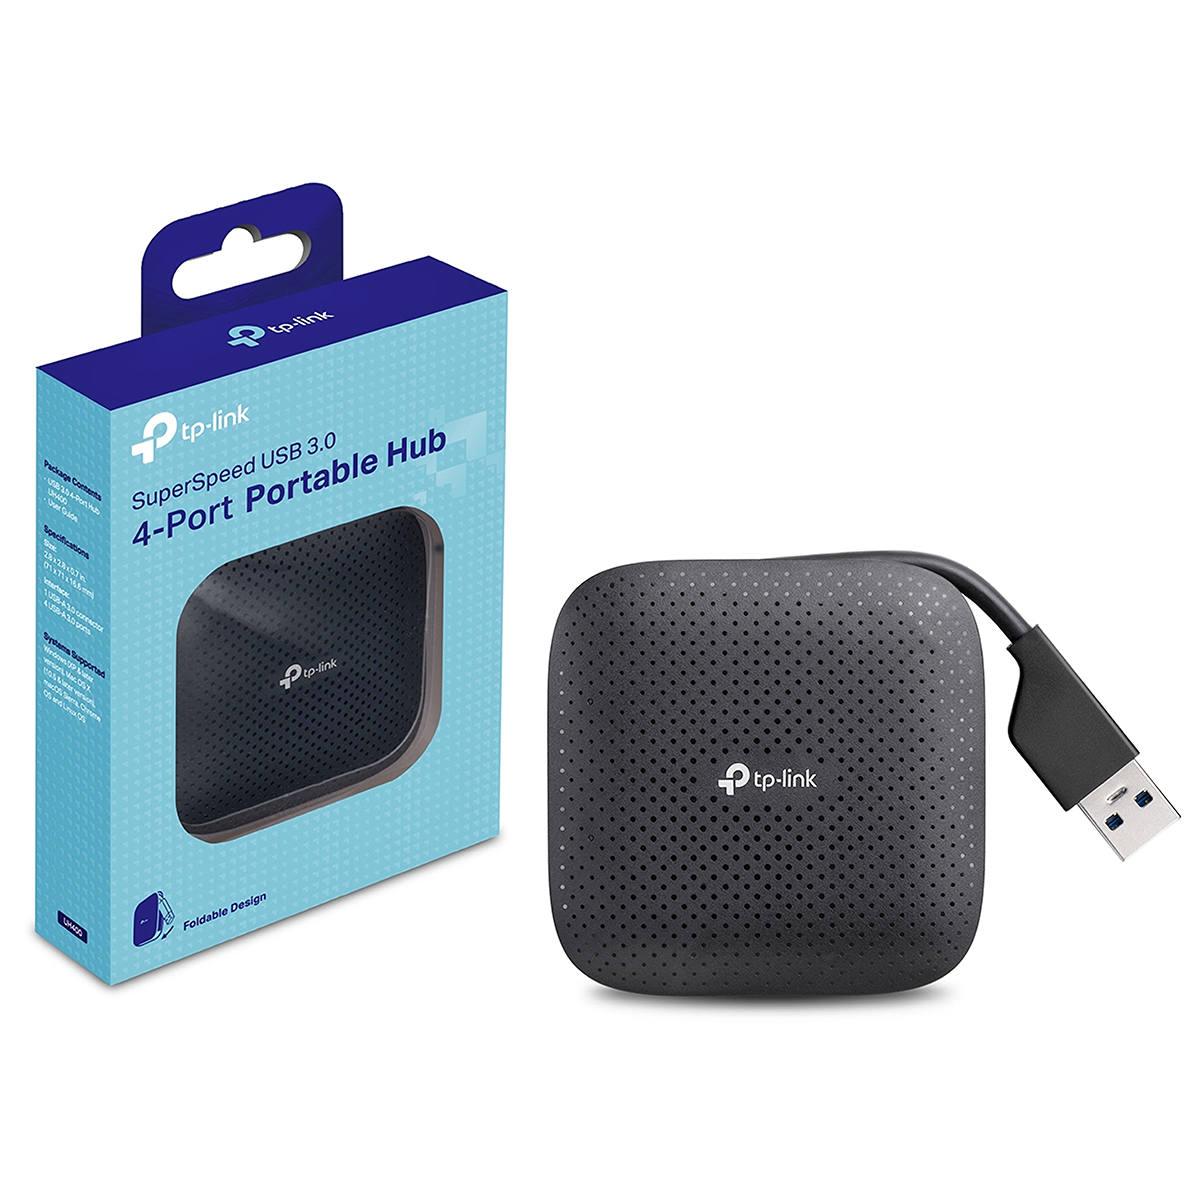 Hub USB 3.0 Portátil de 4 Portas USB de Alta Velocidade TP-Link UH400